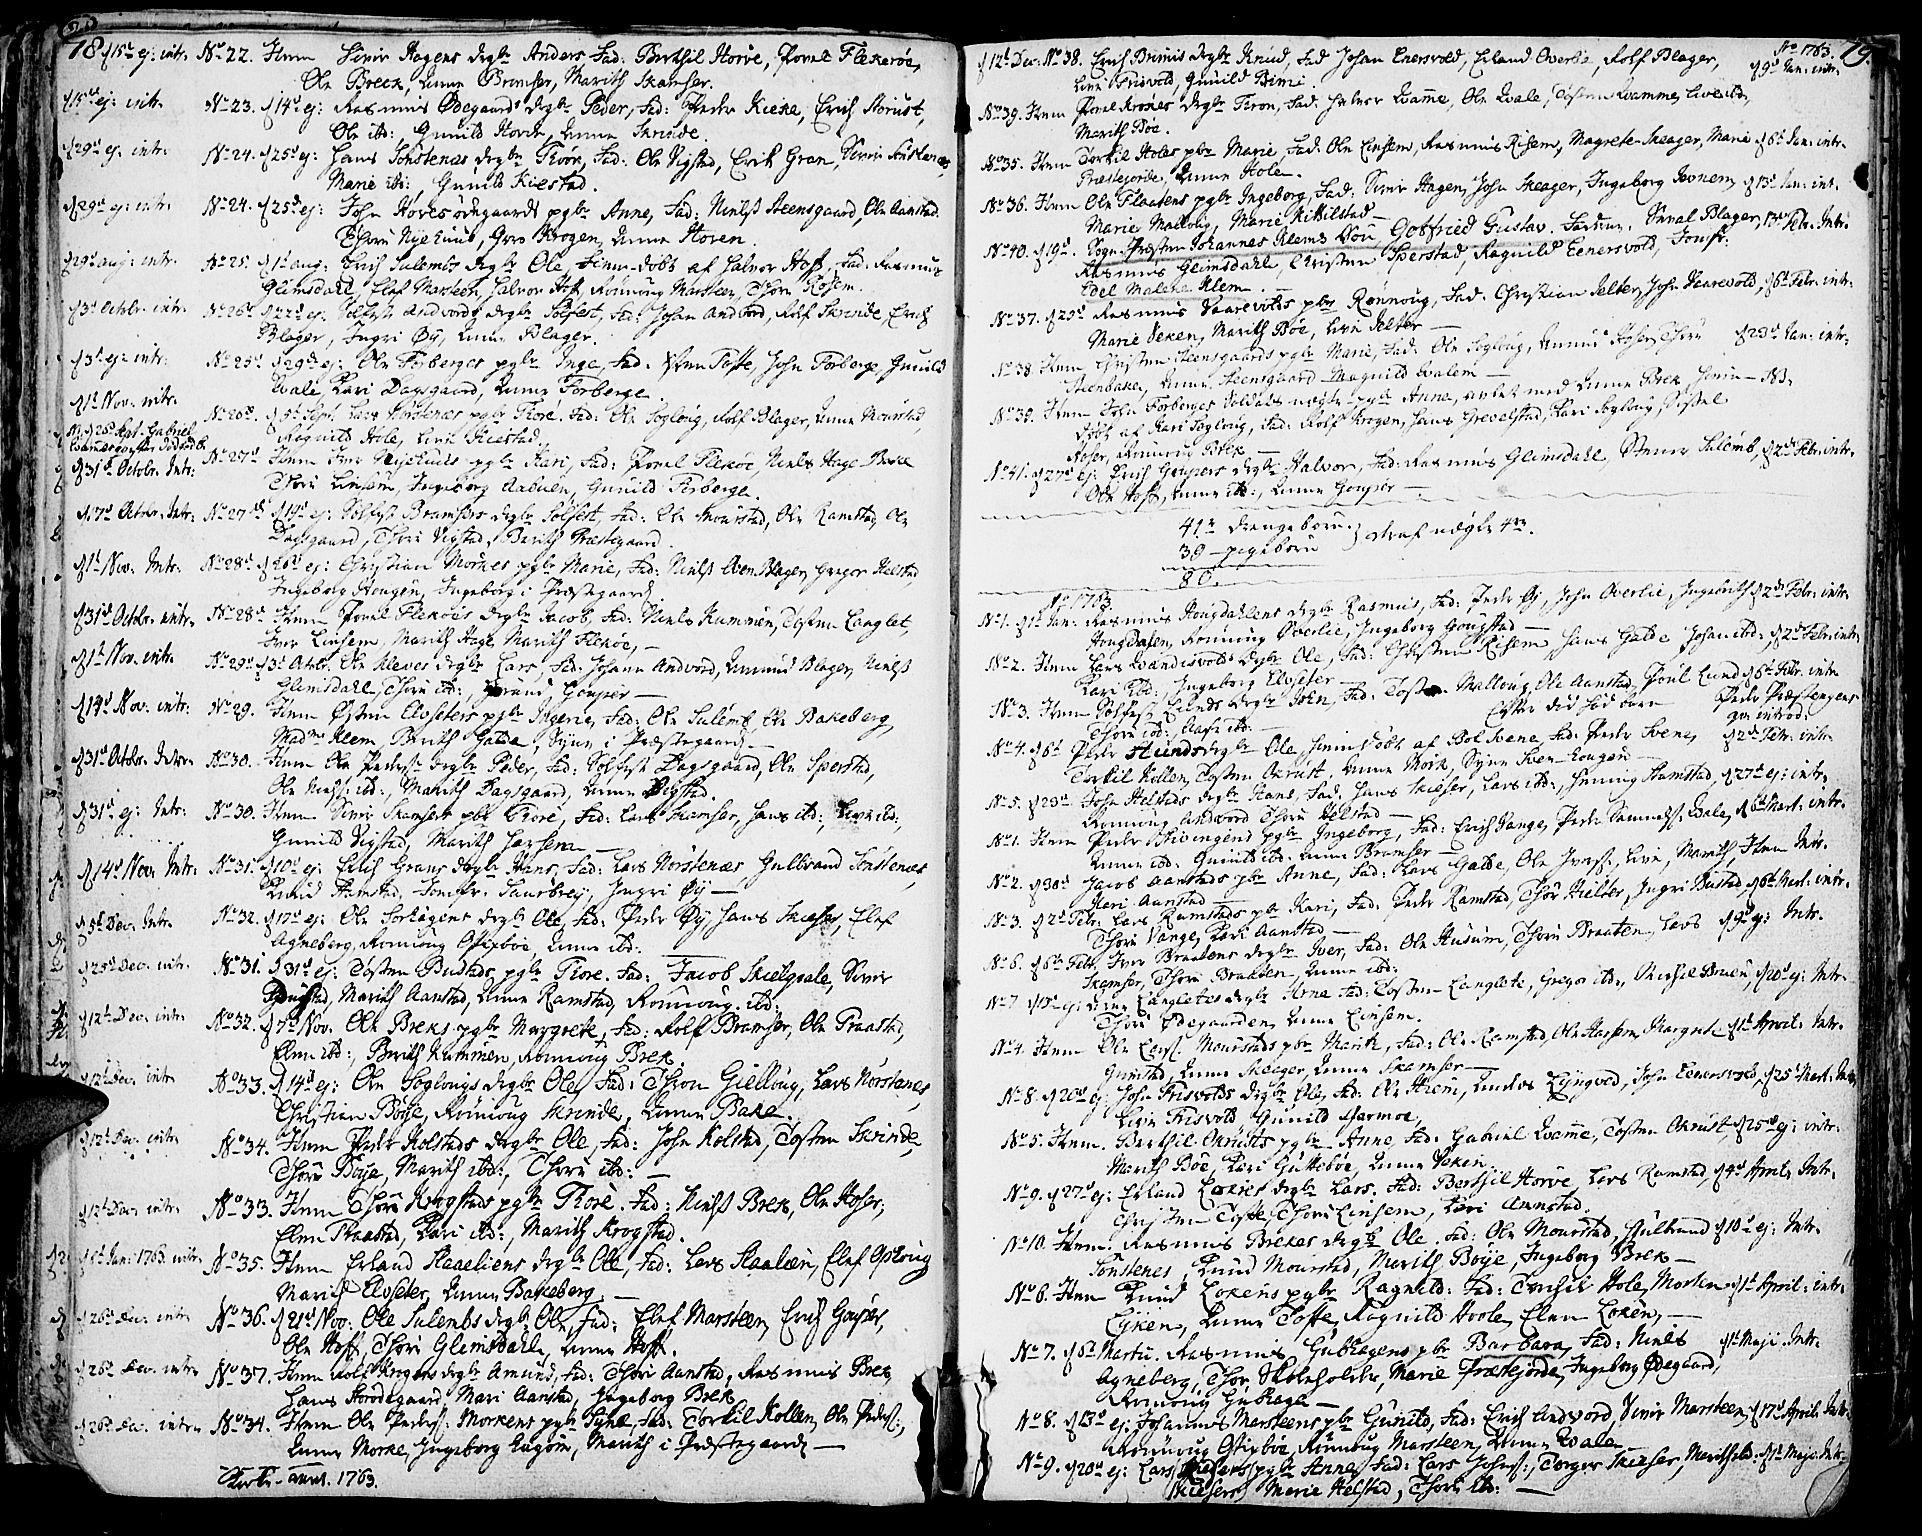 SAH, Lom prestekontor, K/L0002: Ministerialbok nr. 2, 1749-1801, s. 78-79